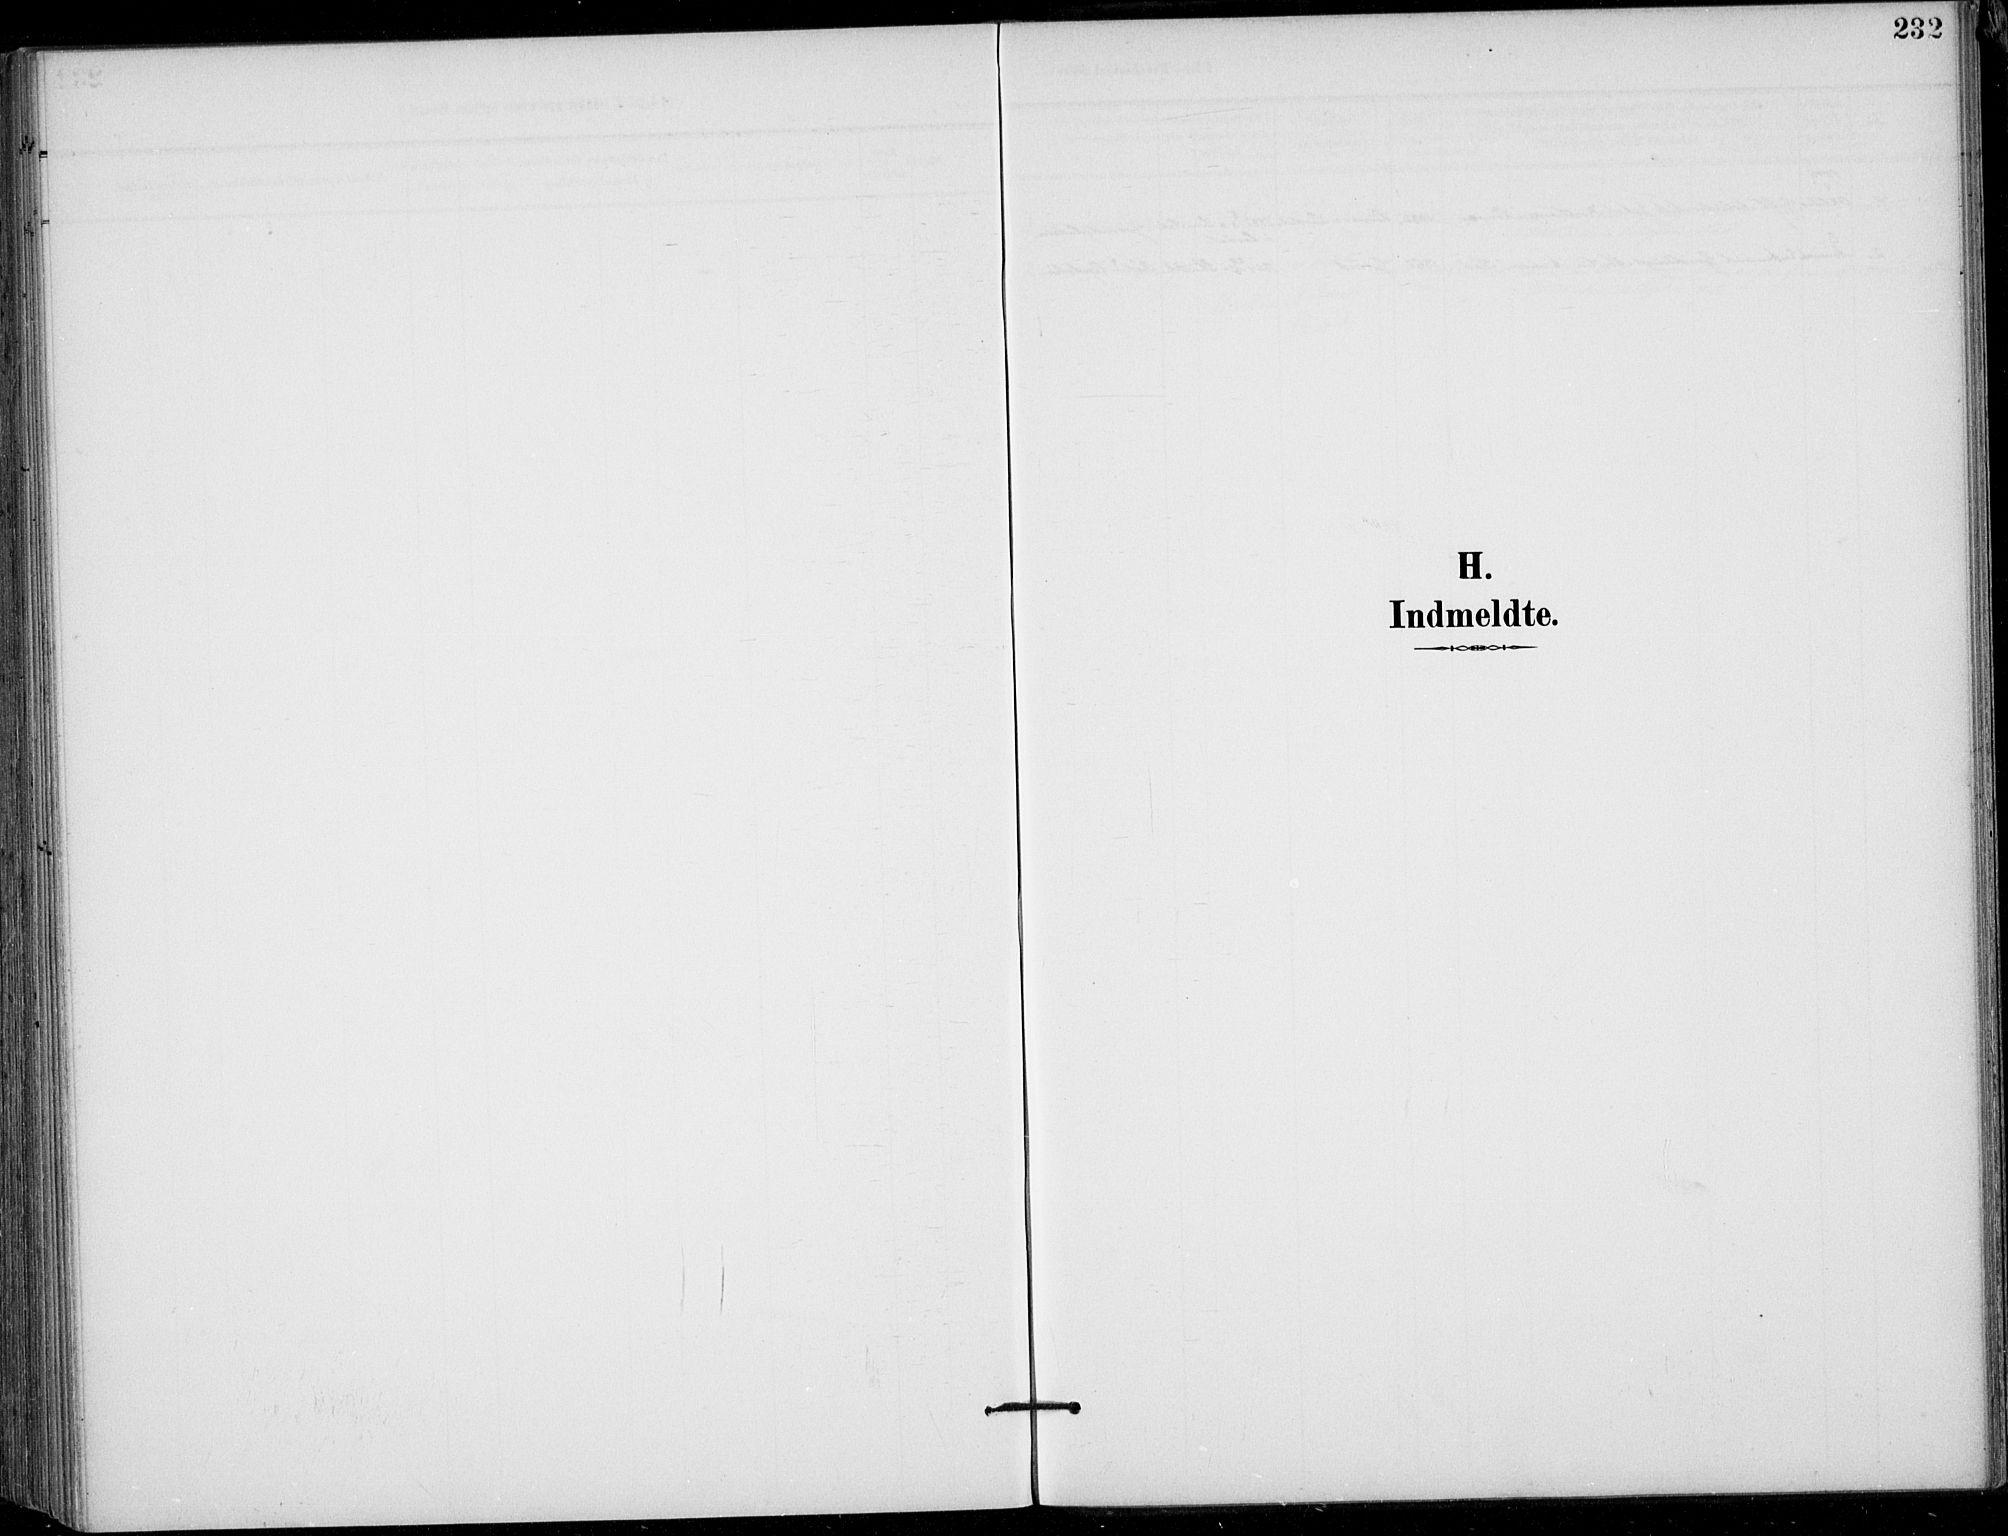 SAKO, Siljan kirkebøker, F/Fa/L0003: Ministerialbok nr. 3, 1896-1910, s. 232